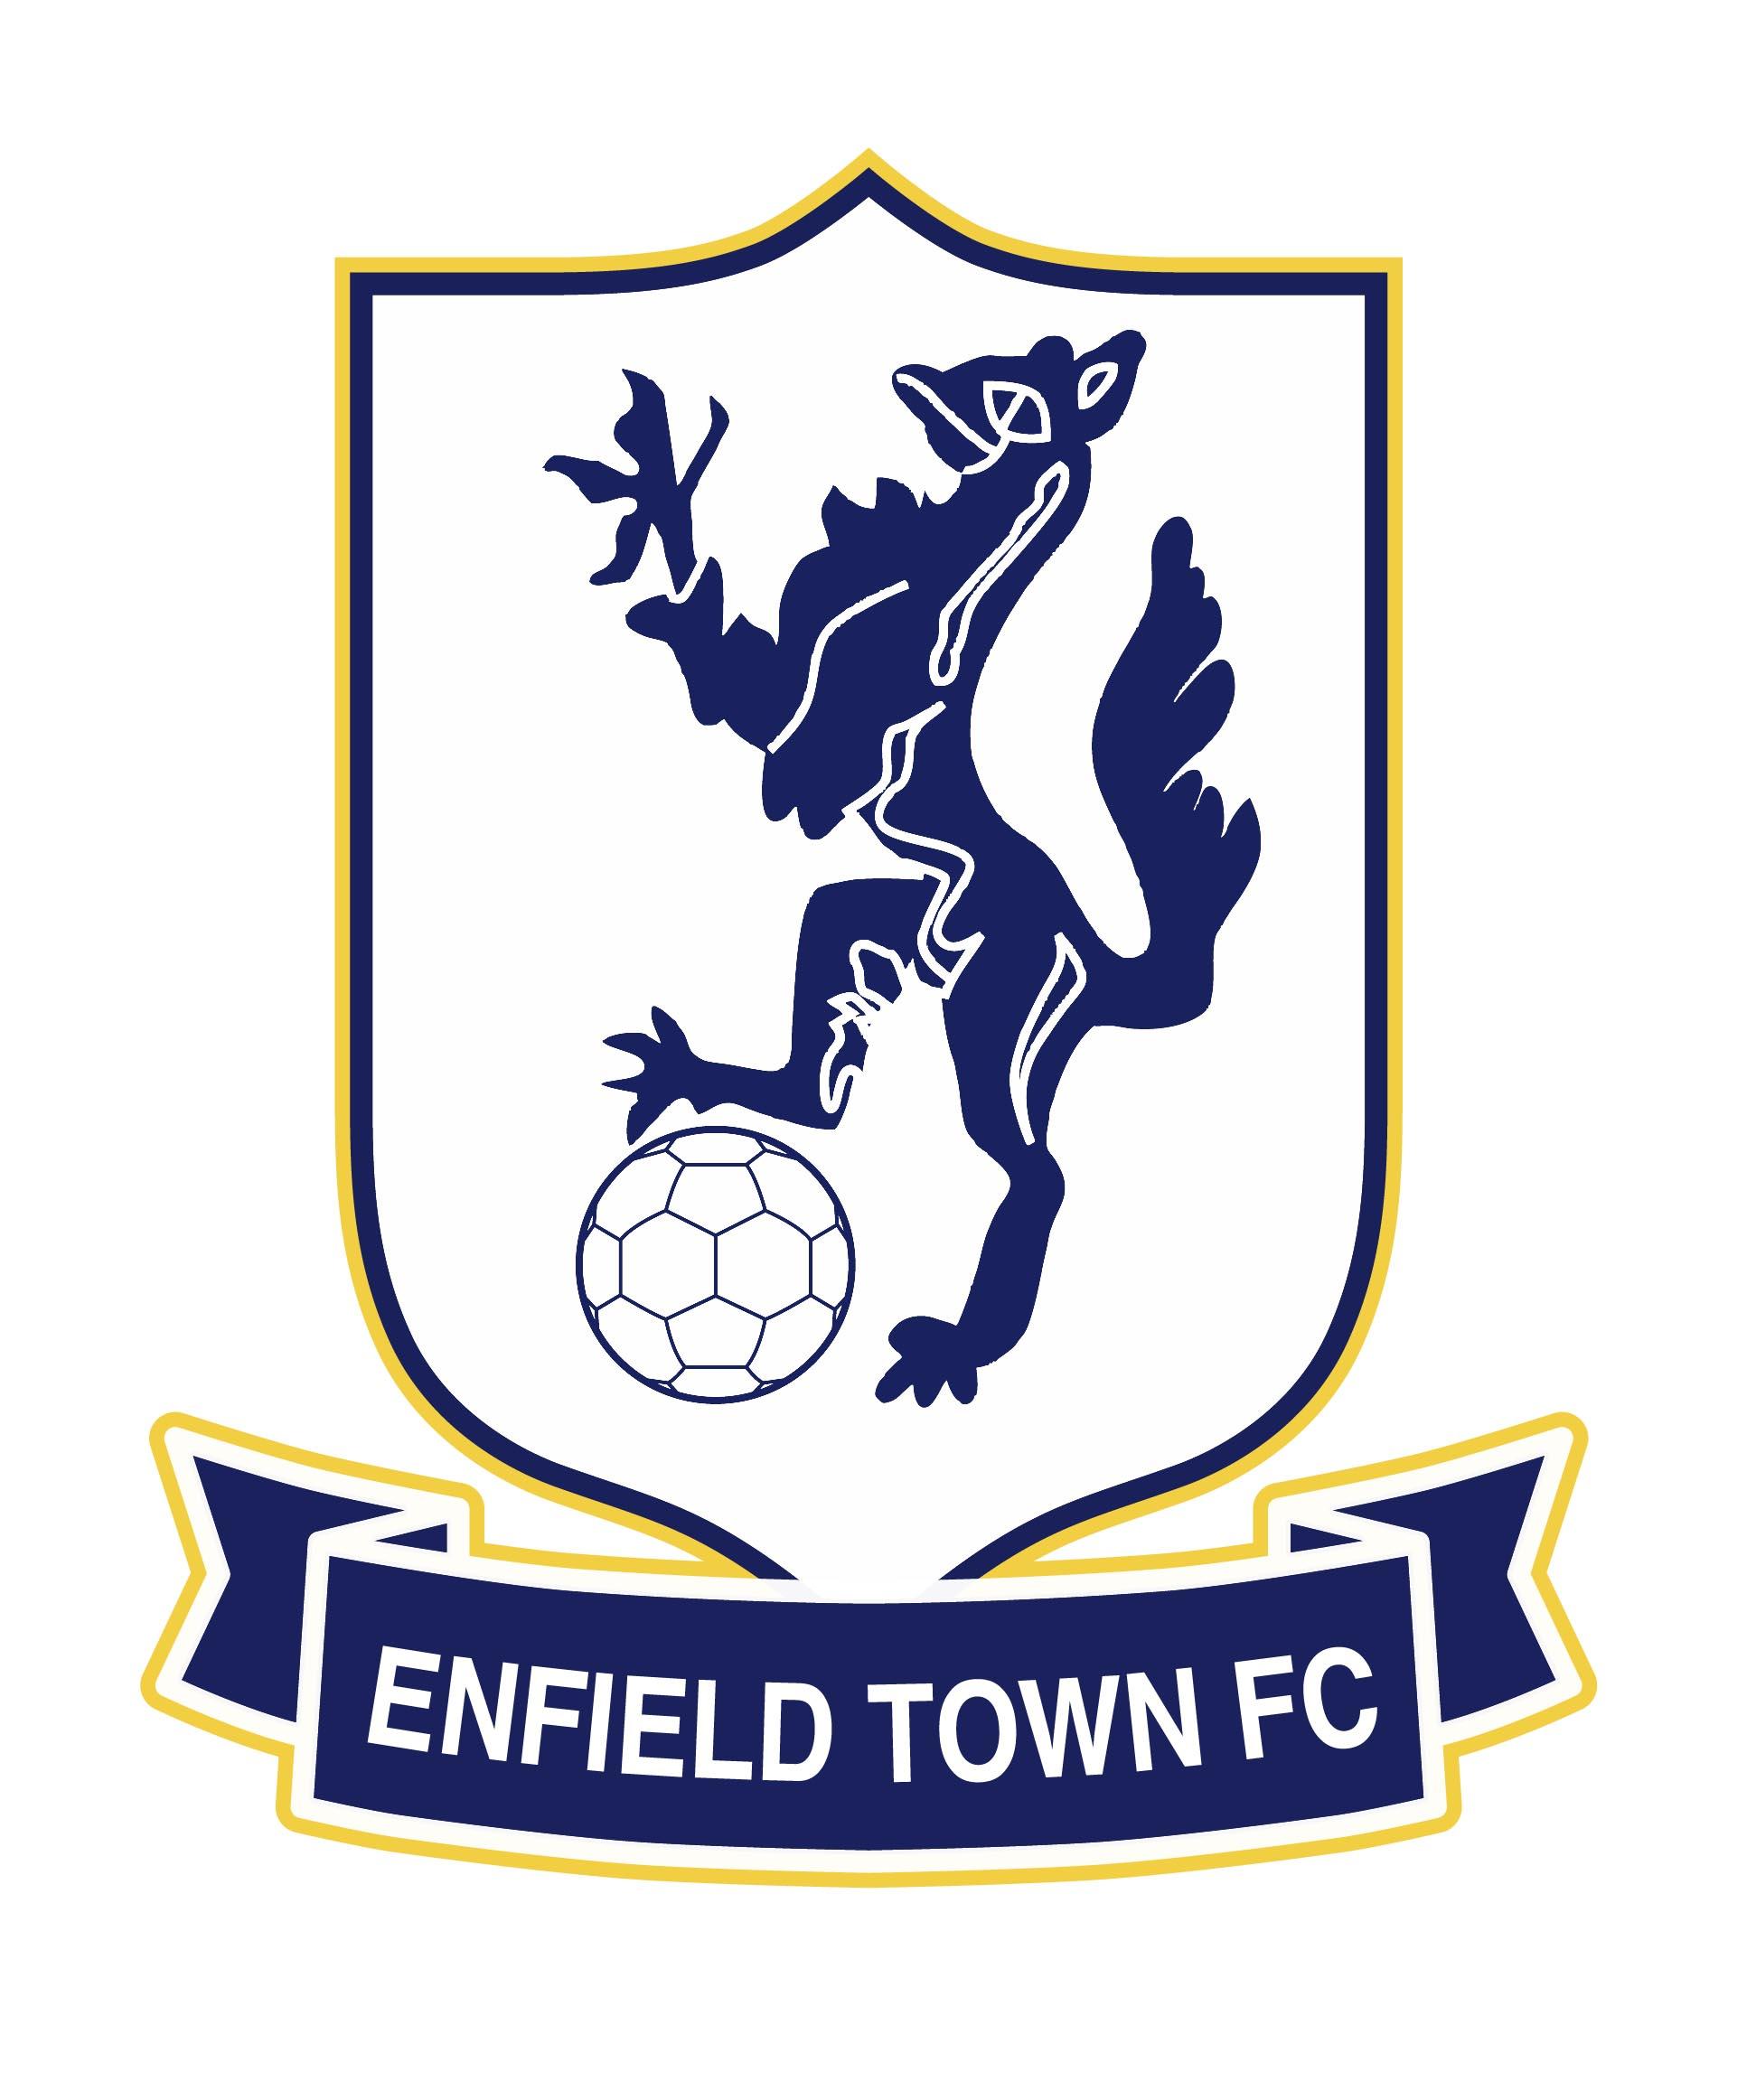 Enfield Town Ladies FC